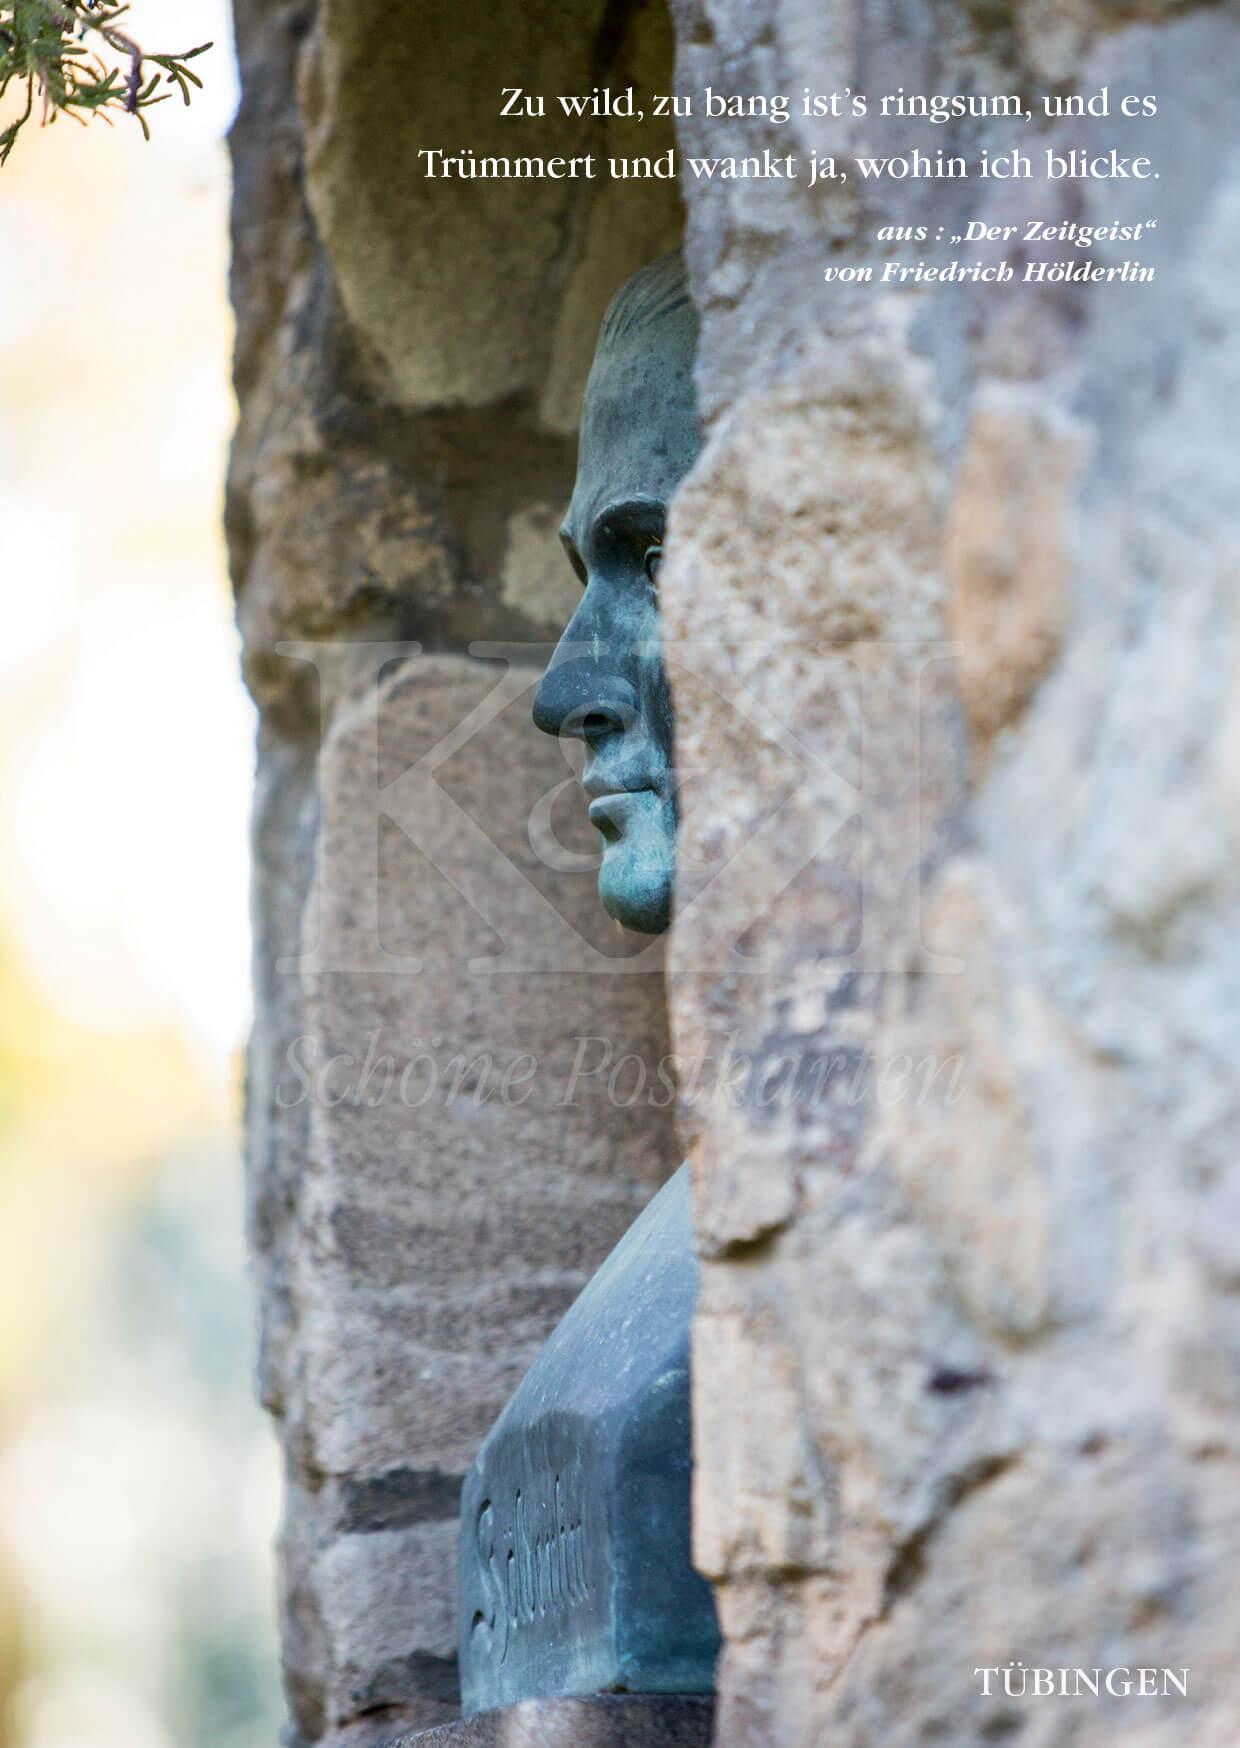 Am 20. März 2020 jährt sich Friedrich Hölderlins Geburtstag zum 250. Mal